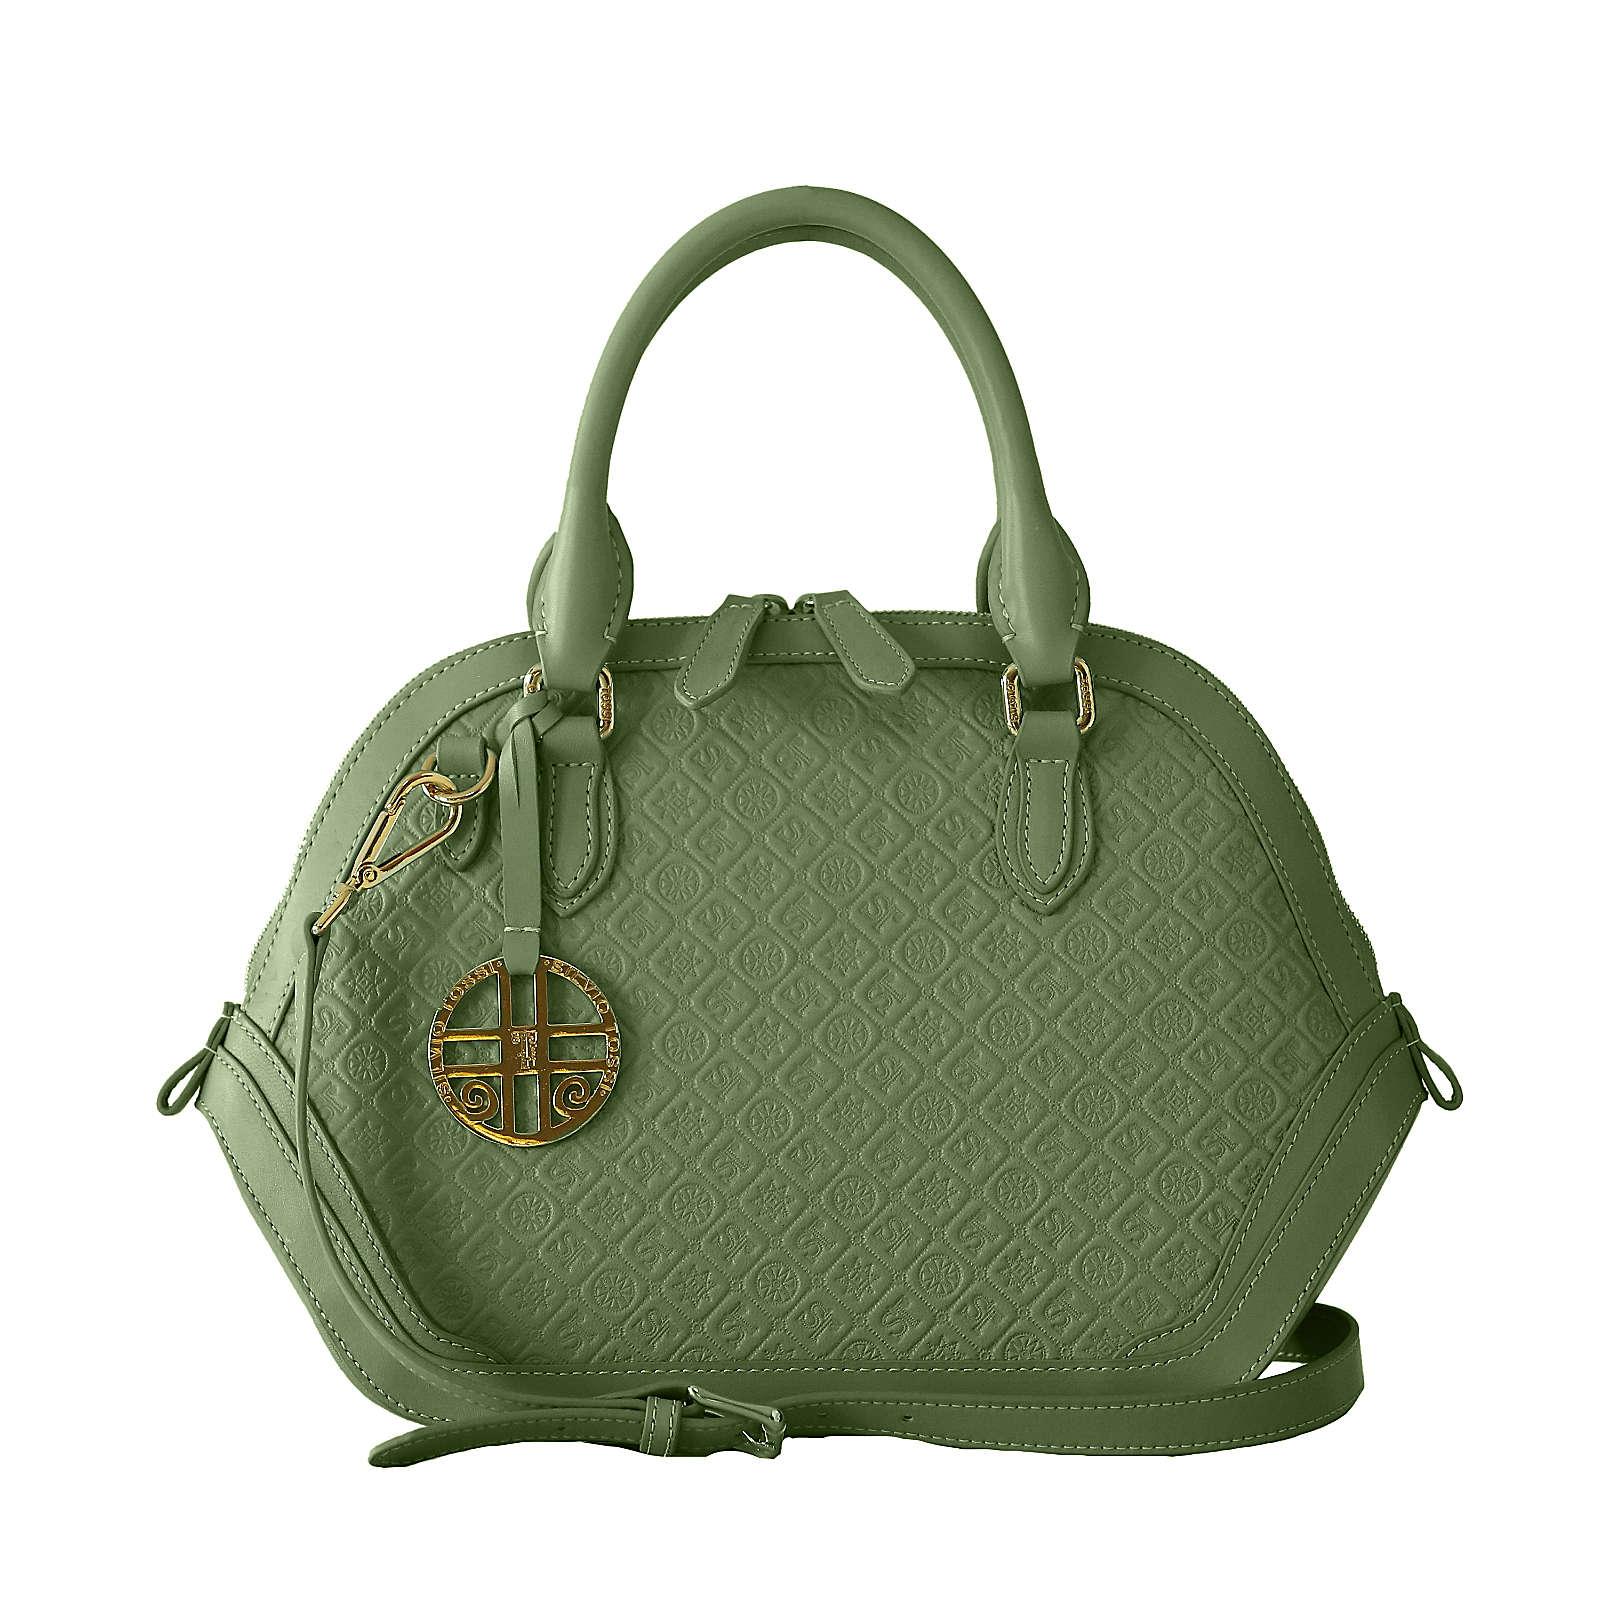 Silvio Tossi Handtaschen grün Damen